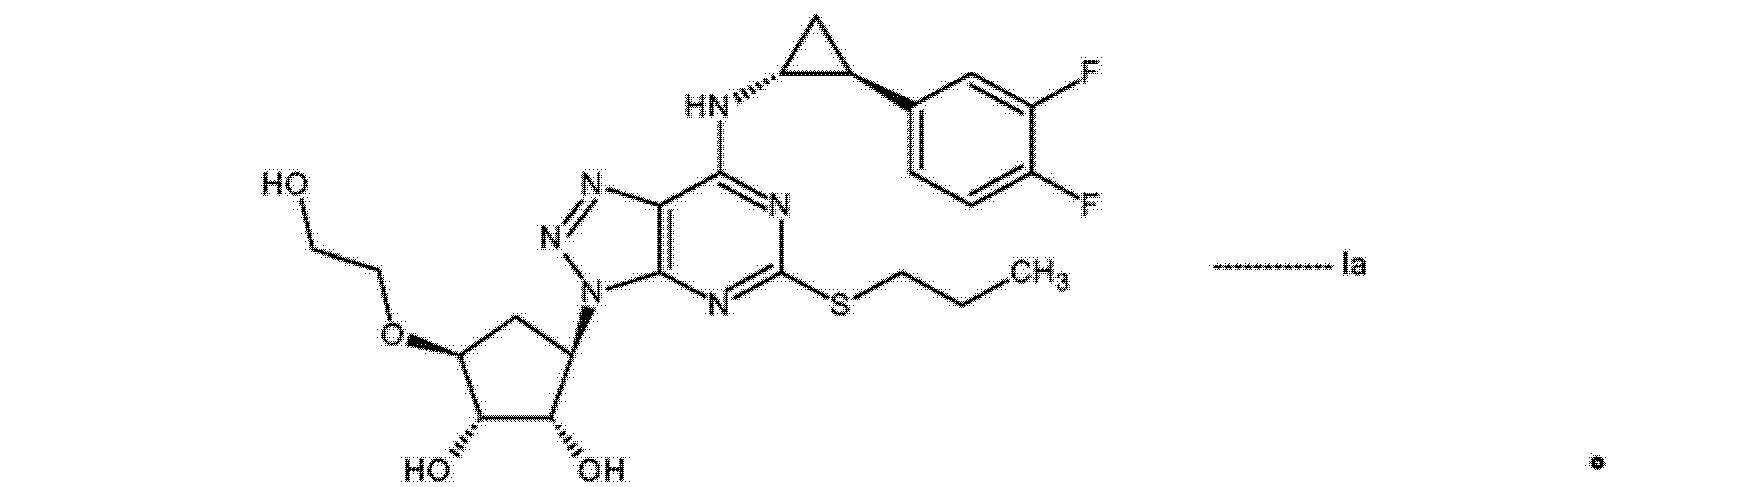 Figure CN103429576AC00042